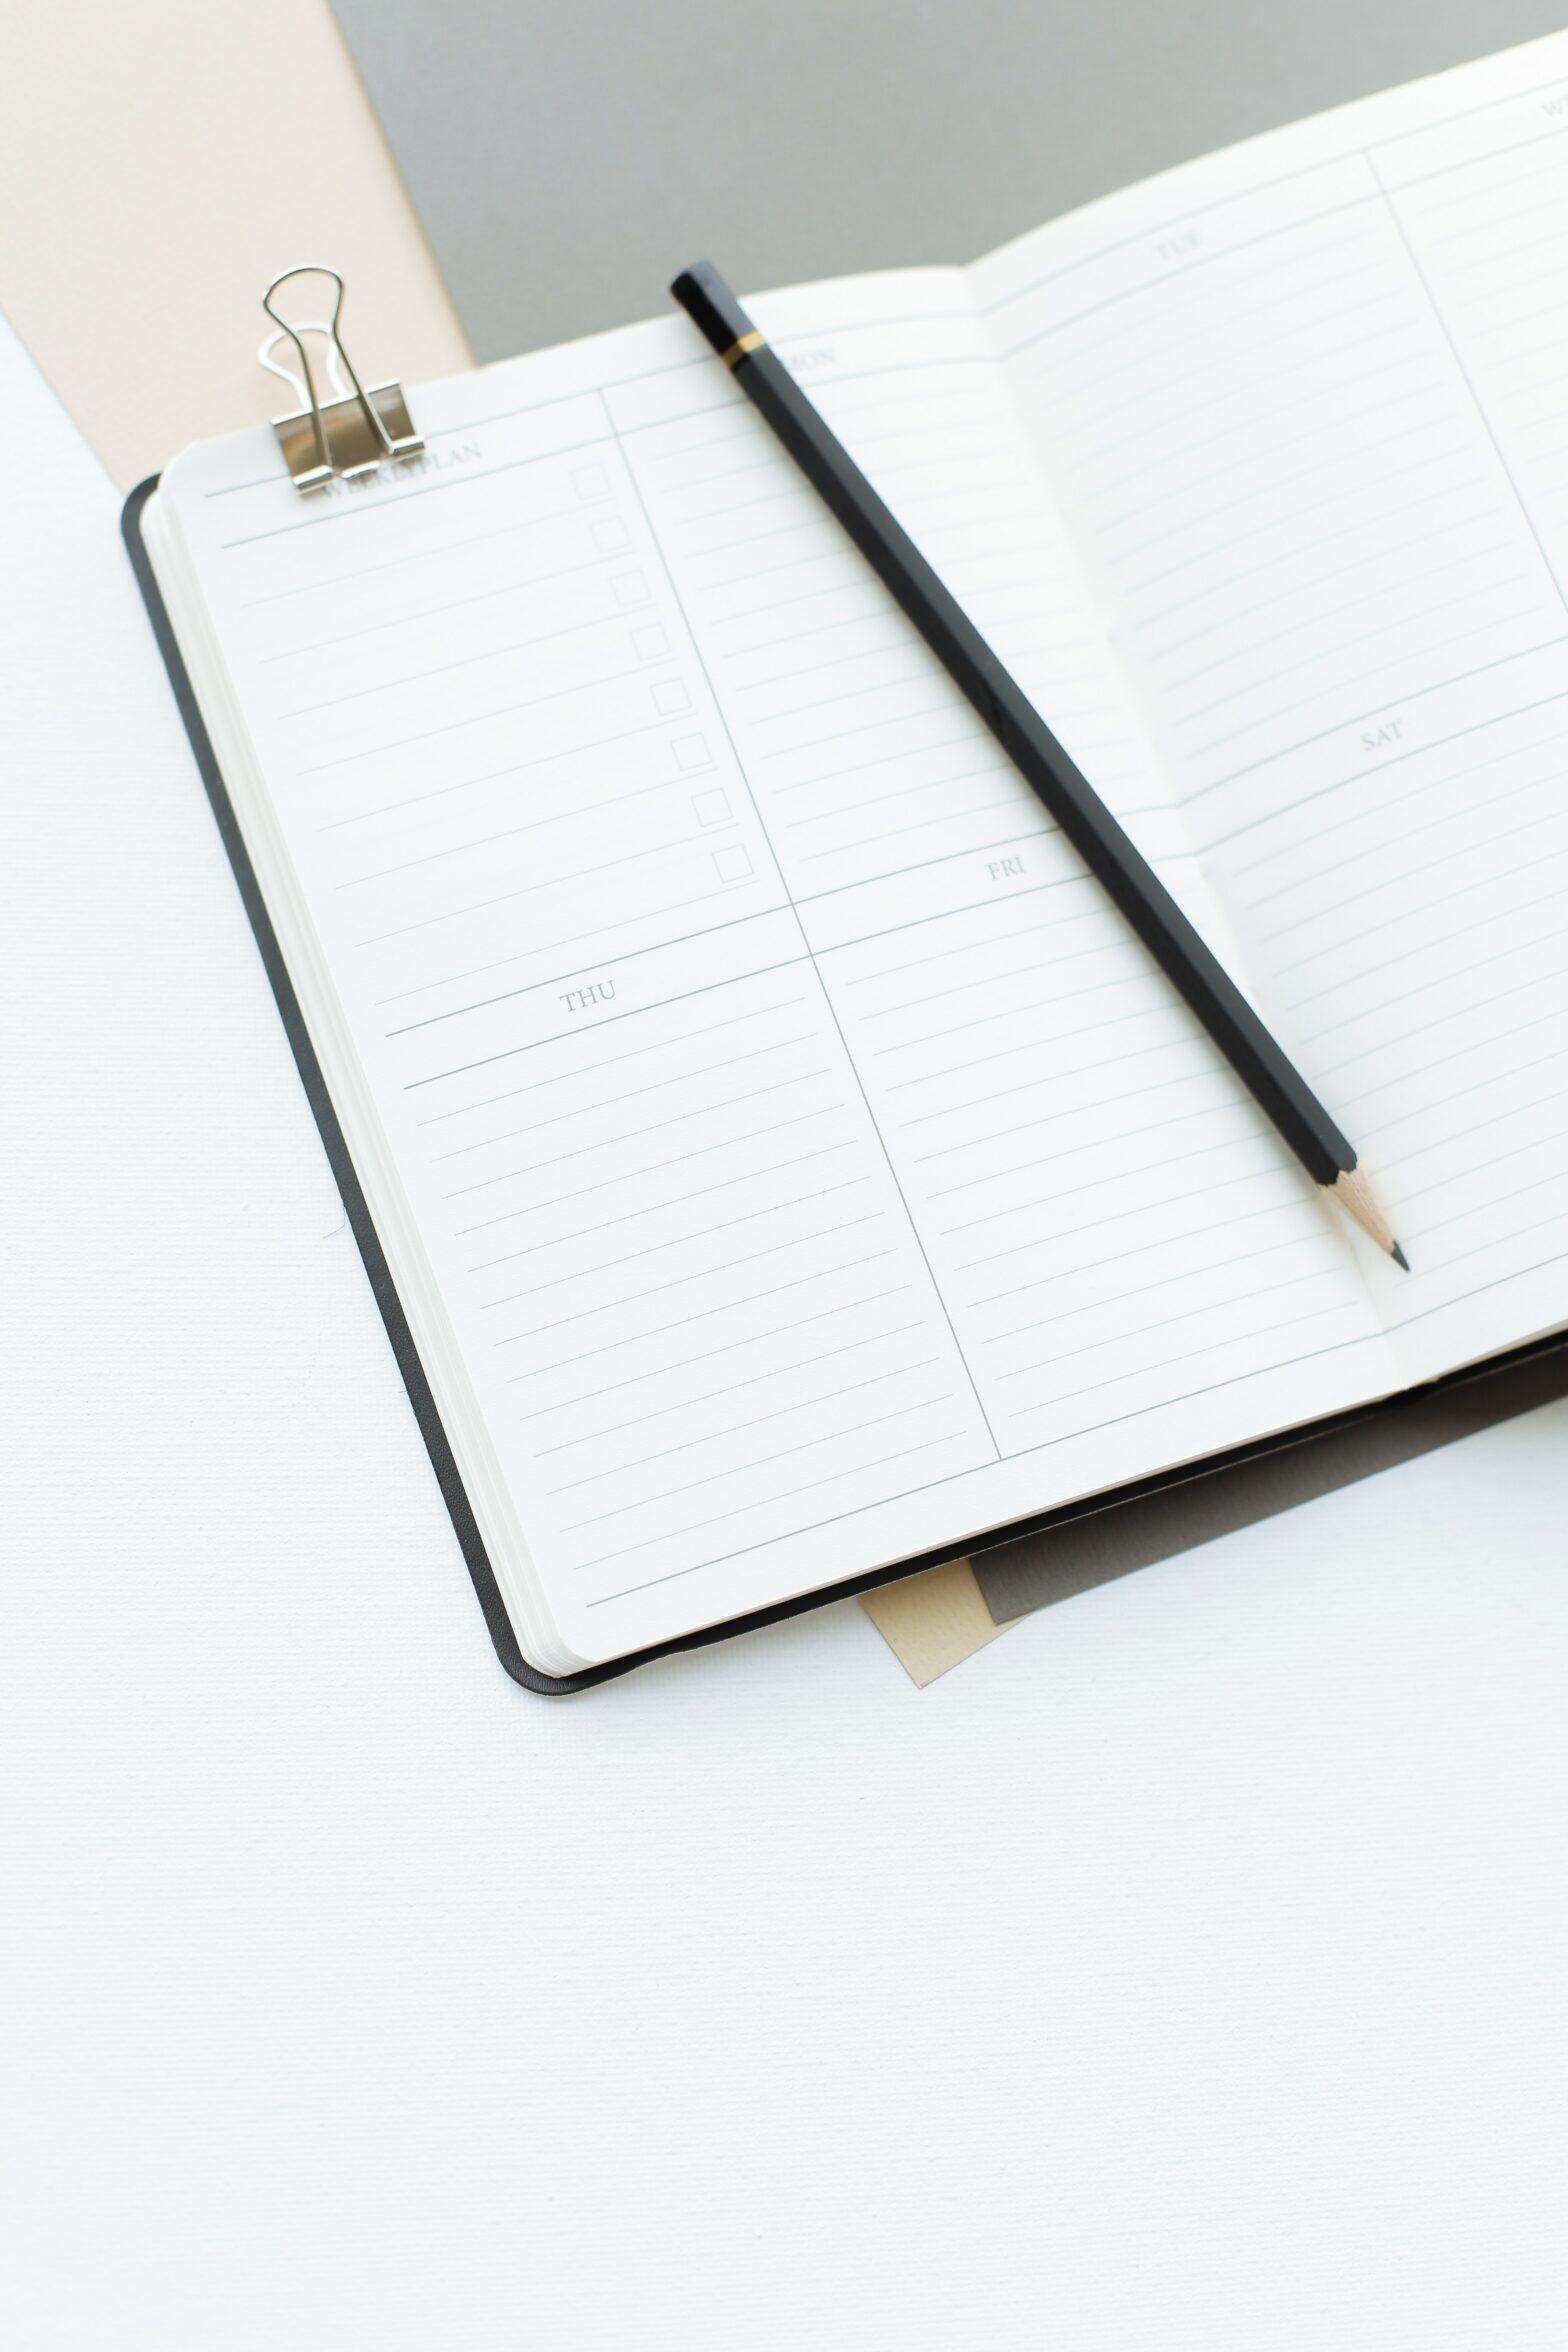 Das Bild zeigt ein geöffnetes Tage-Buch und einen Stift.